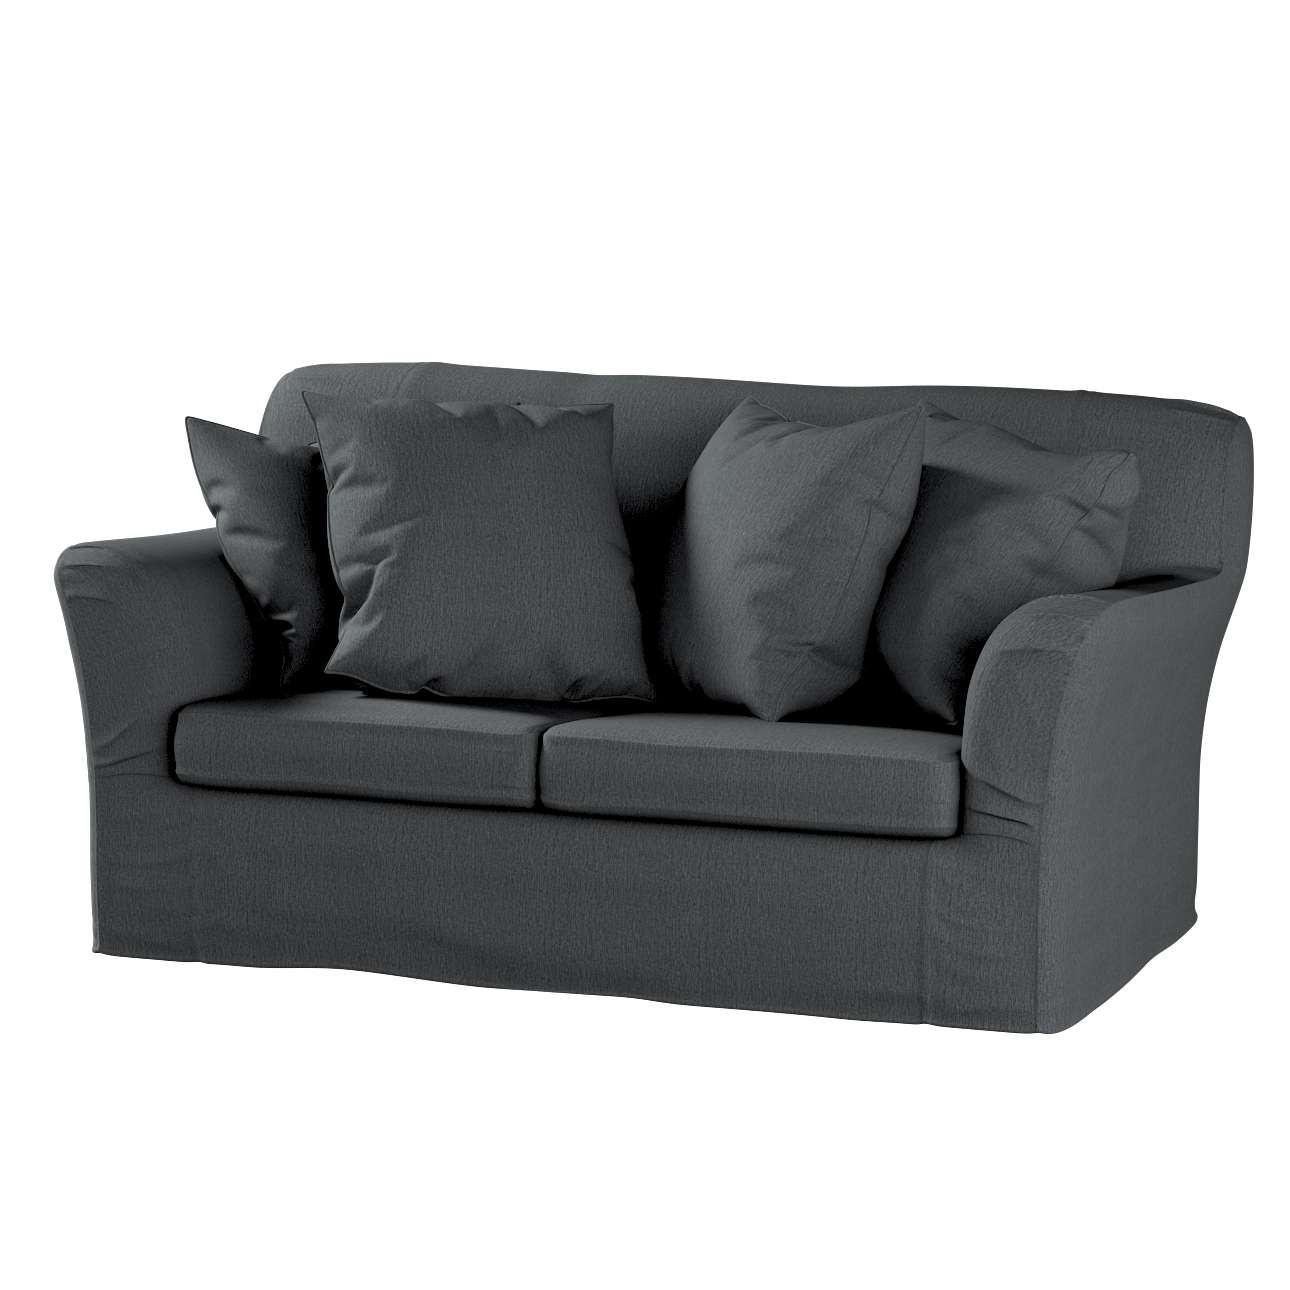 TOMELILLA  dvivietės sofos užvalkalas TOMELILLA dvivietė sofa kolekcijoje Chenille, audinys: 702-20